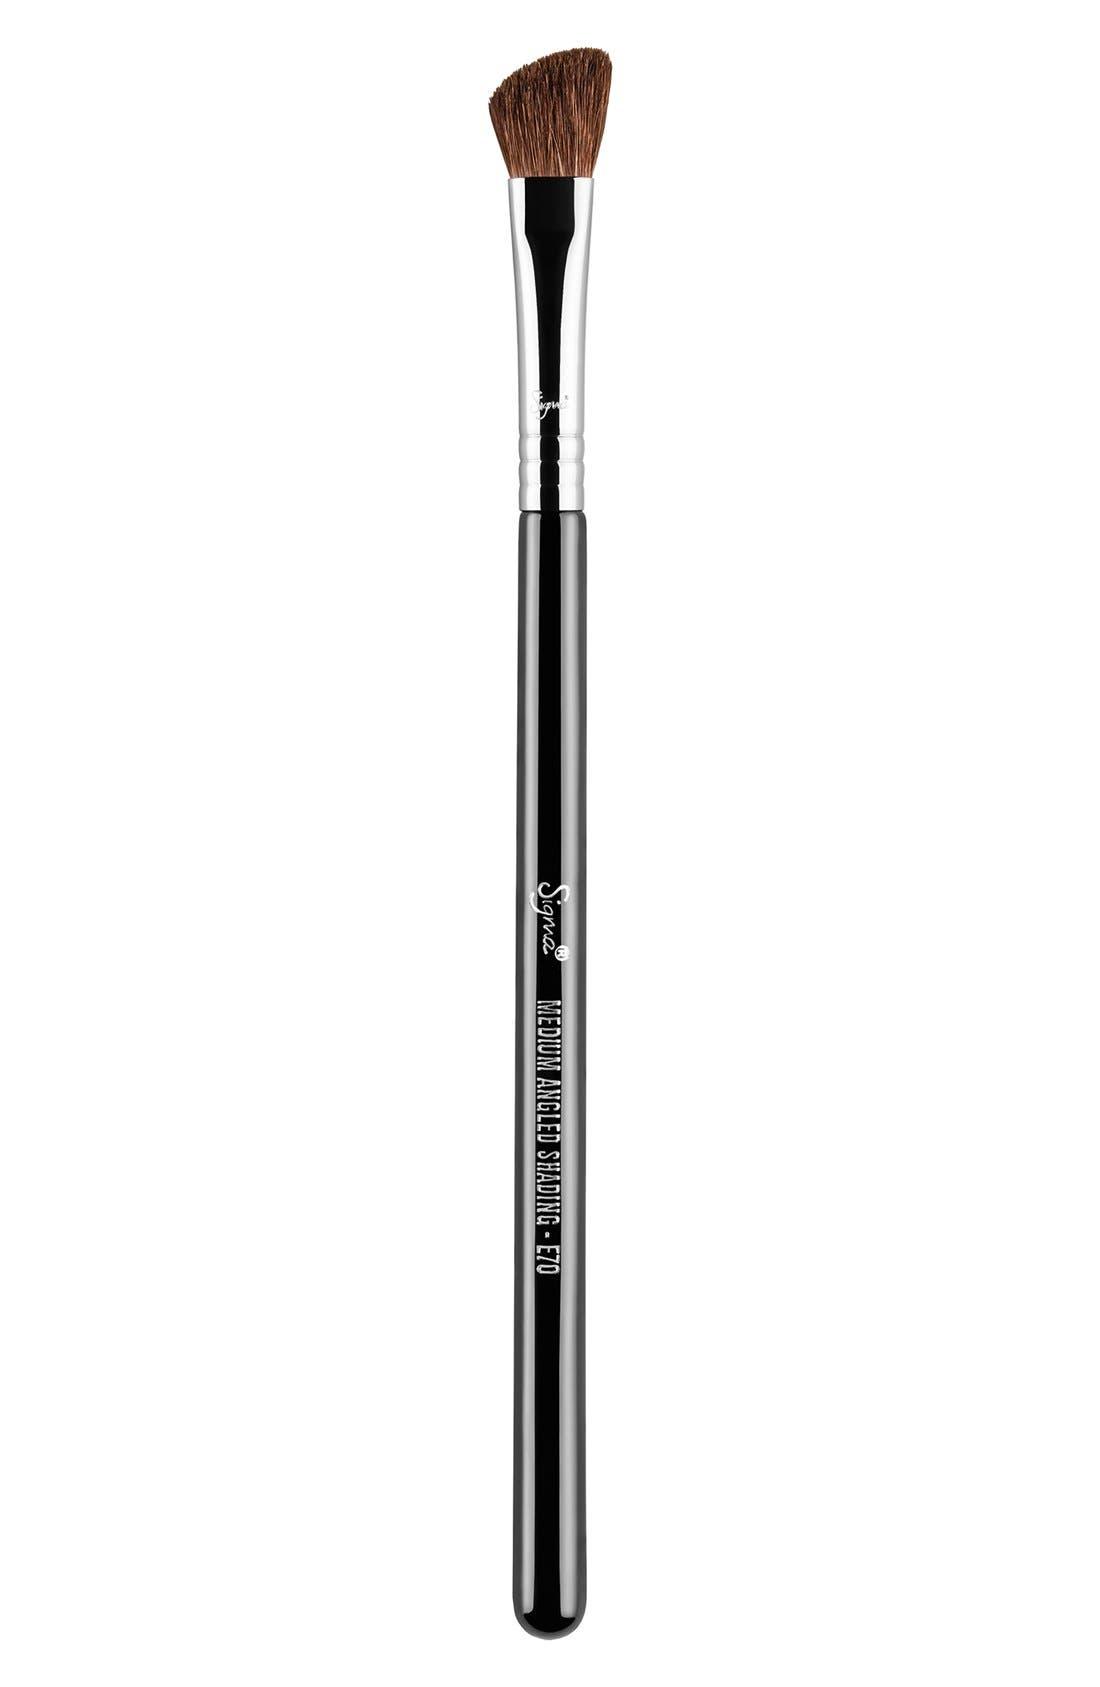 E70 Medium Angled Shading Brush,                             Main thumbnail 1, color,                             NO COLOR